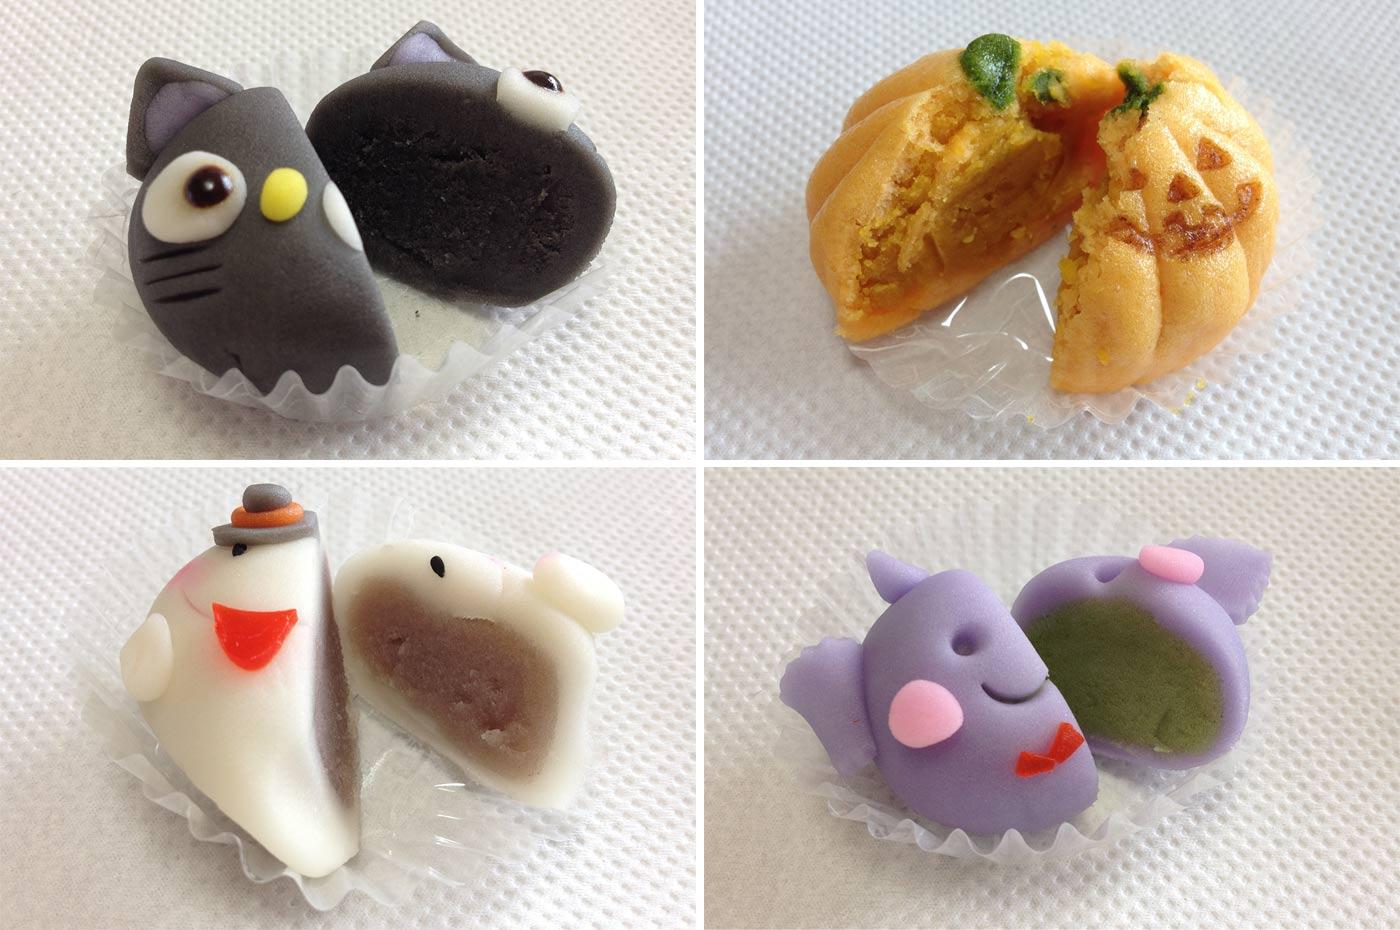 盛栄堂 ハロウィン和菓子の画像